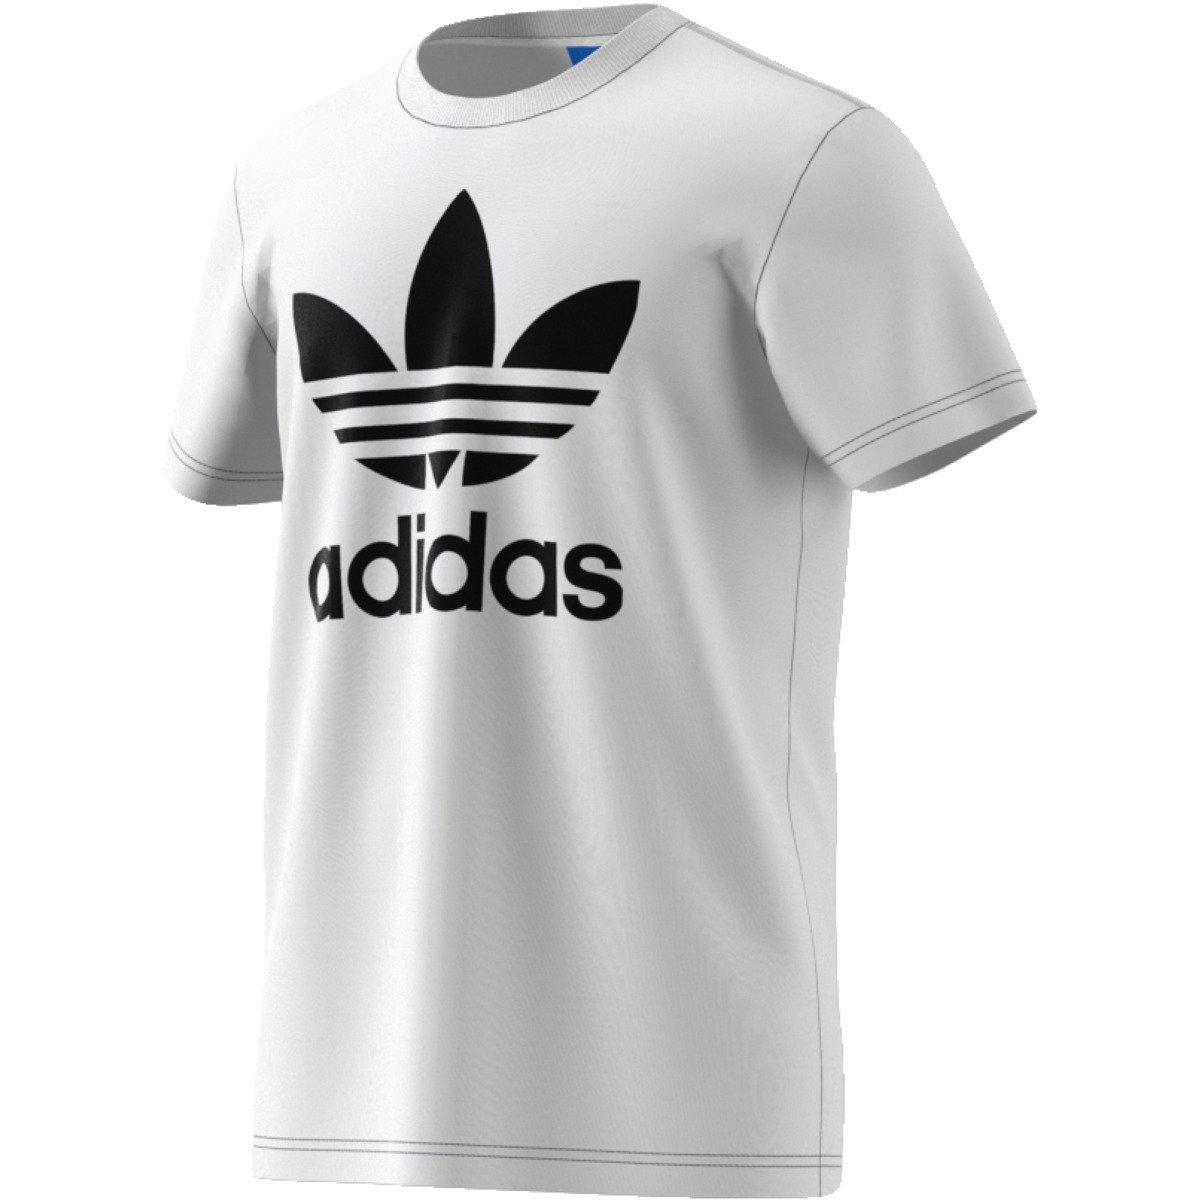 Adidas originals trefoil t shirt aj8828 basketball for Adidas trefoil t shirt